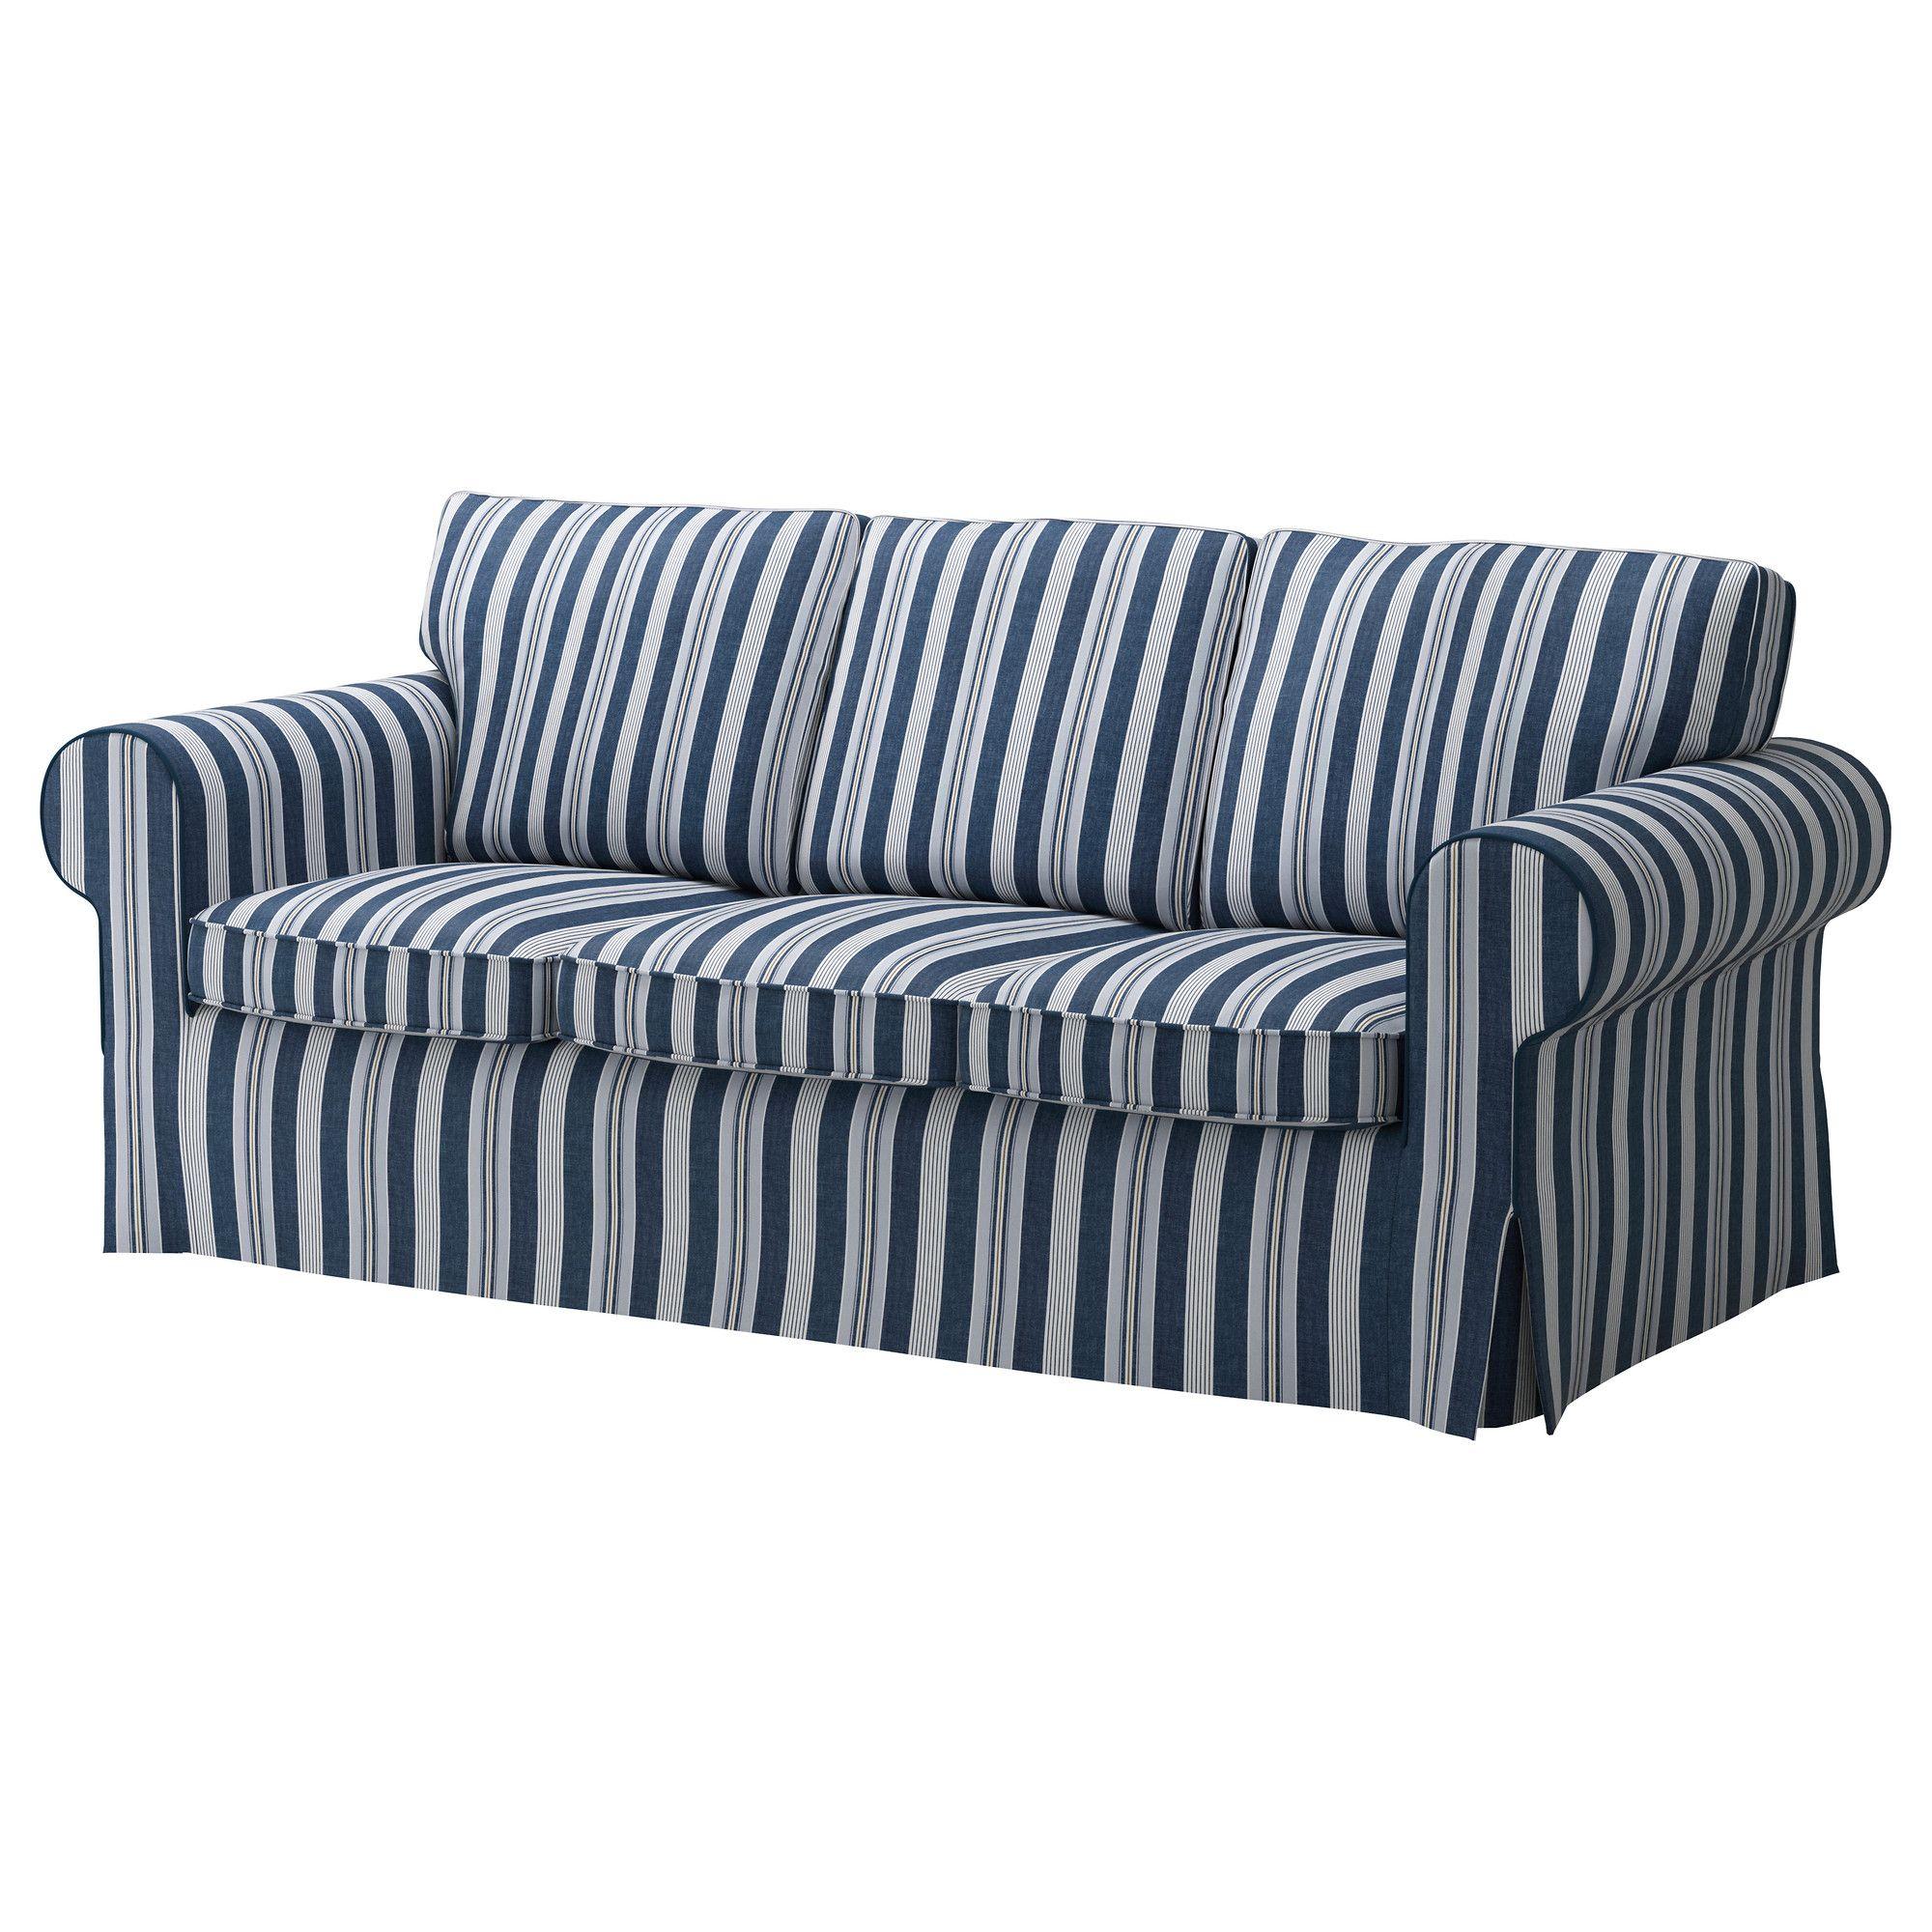 EKTORP PIXBO Husă canapea extensibilă 3 locuri …byn albastru